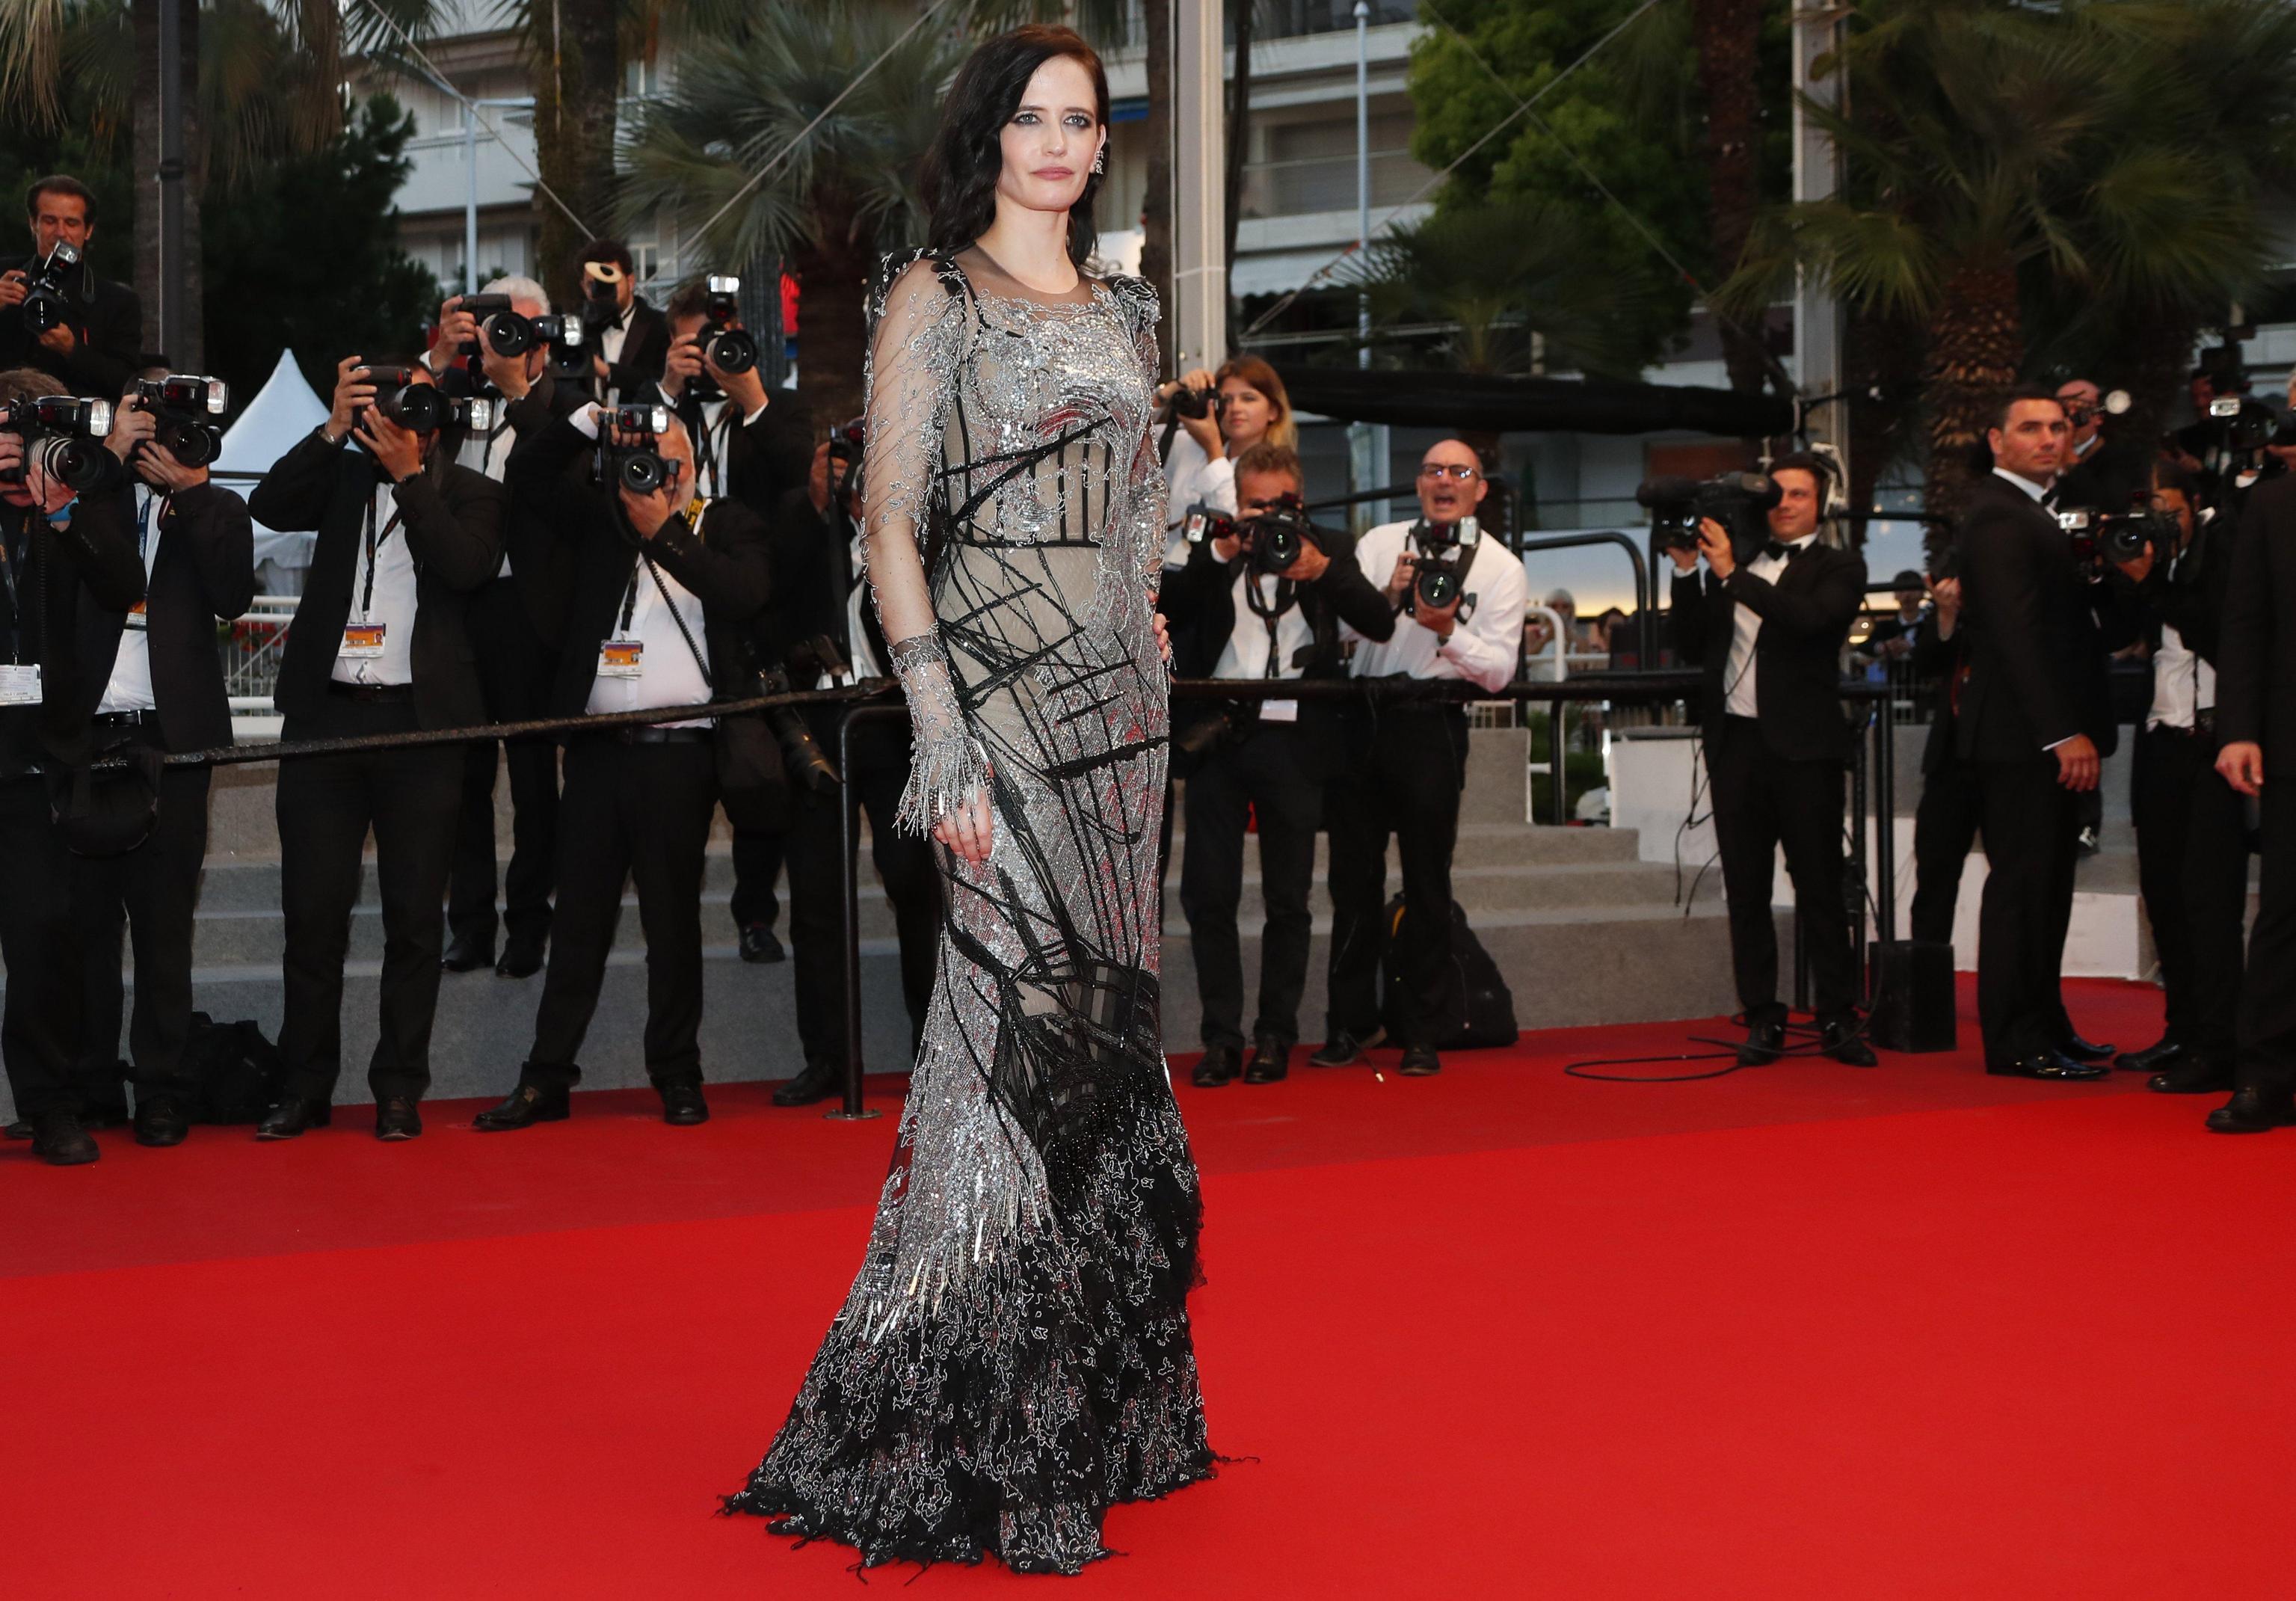 D'apres Une Histoire Vraie Premiere 70th Cannes Film Festival